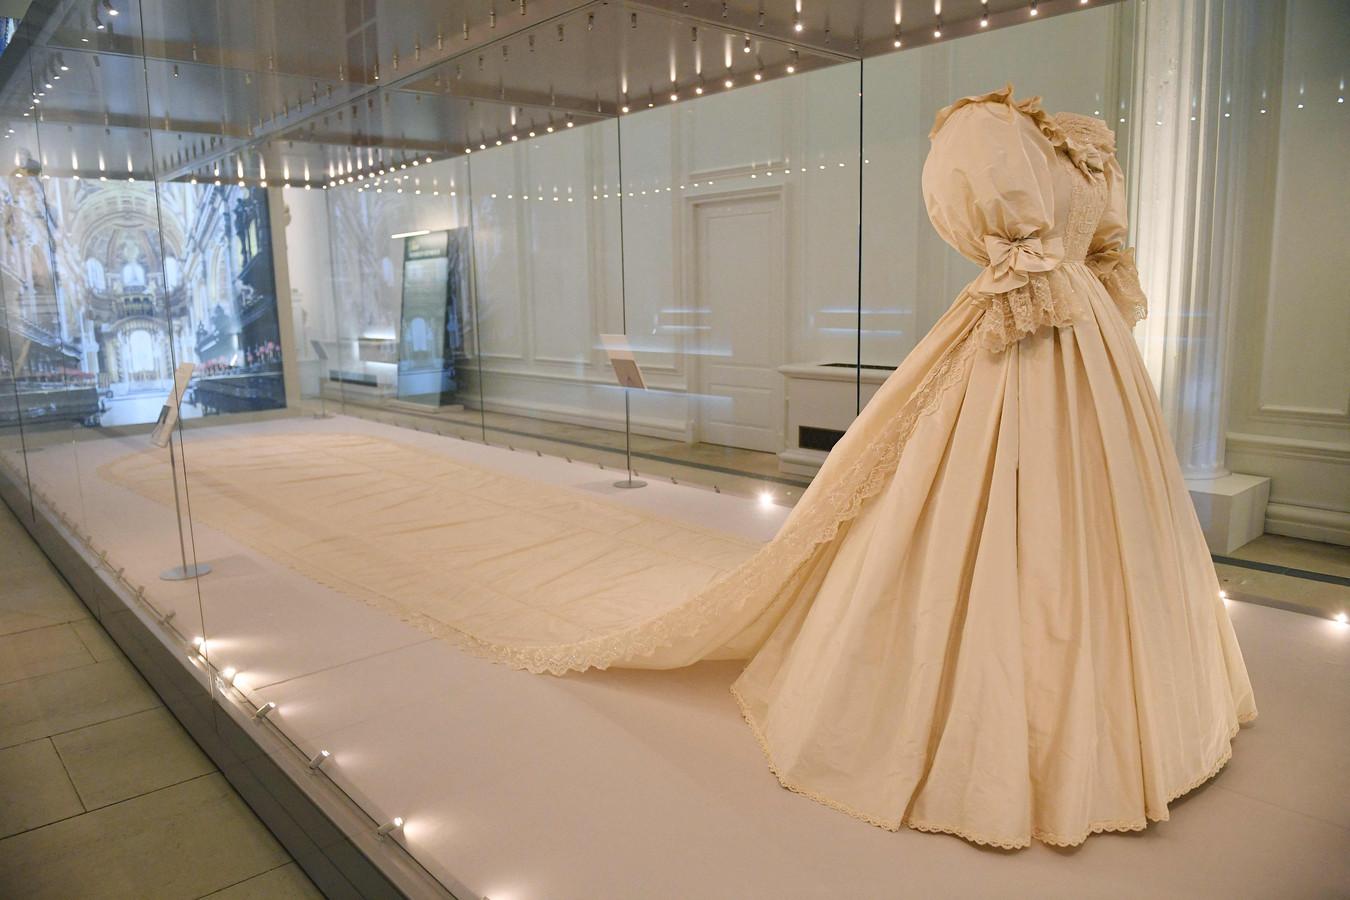 La traîne de la robe de Diana mesure 7,62 mètres - la plus longue jamais utilisée lors d'un mariage royal.